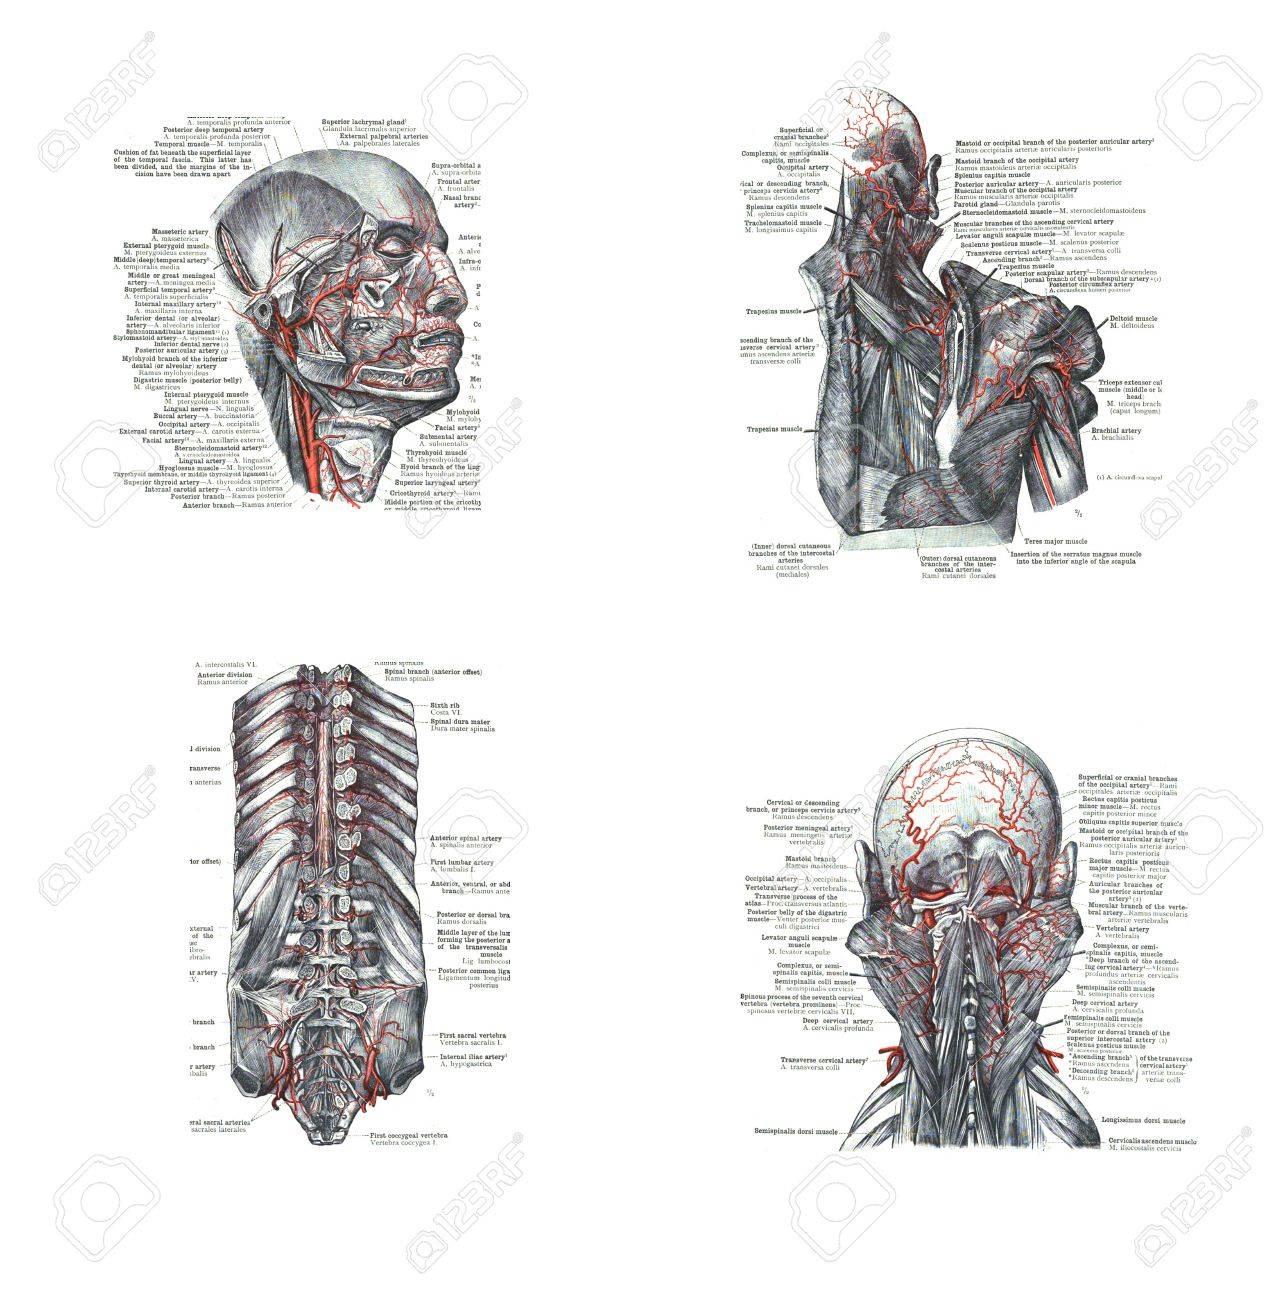 4 Ansichten Der Kopf, Rücken Und Wirbelsäule, Aus Einem Atlas Der ...